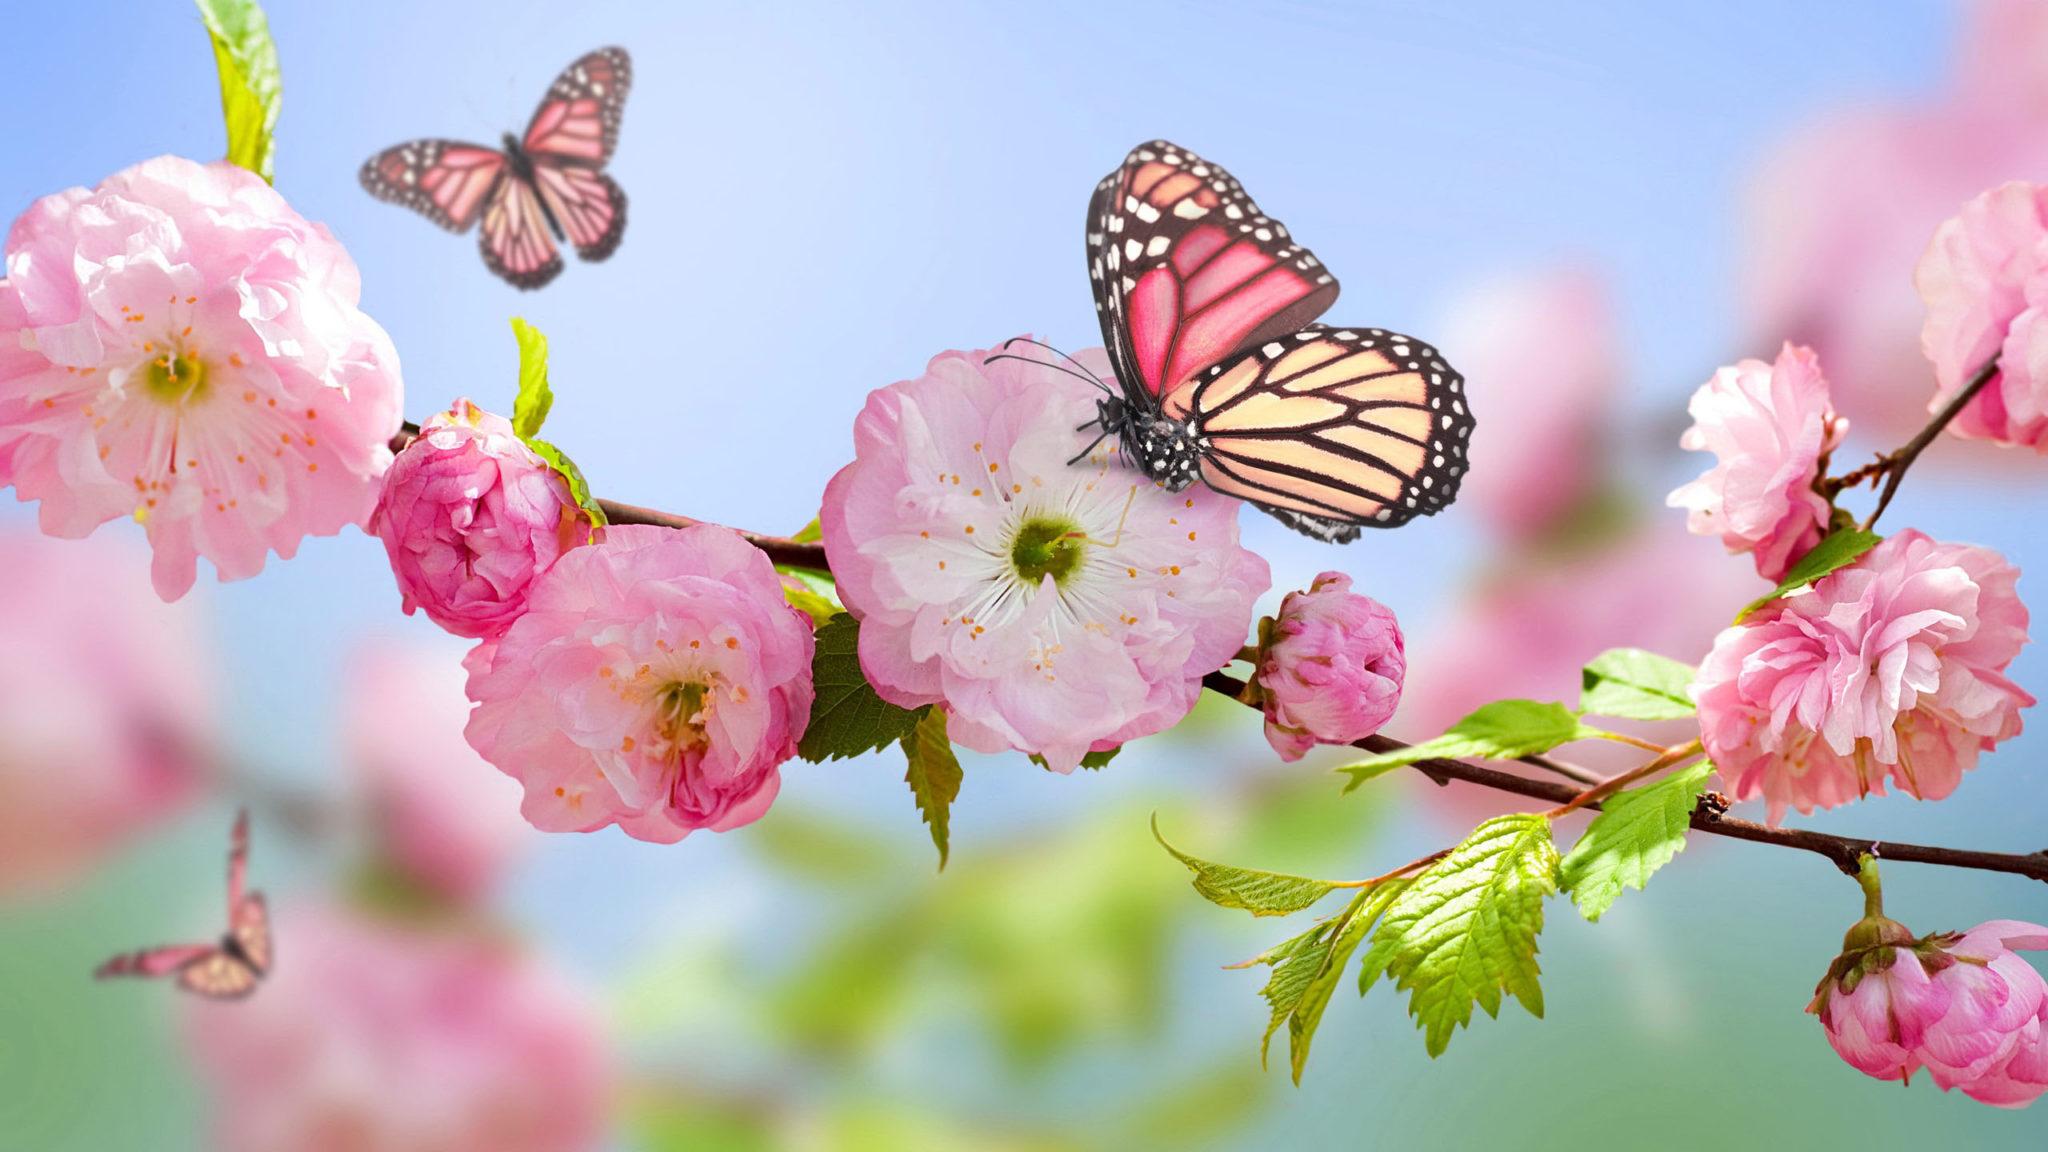 Imagini de primavara cu fluturi